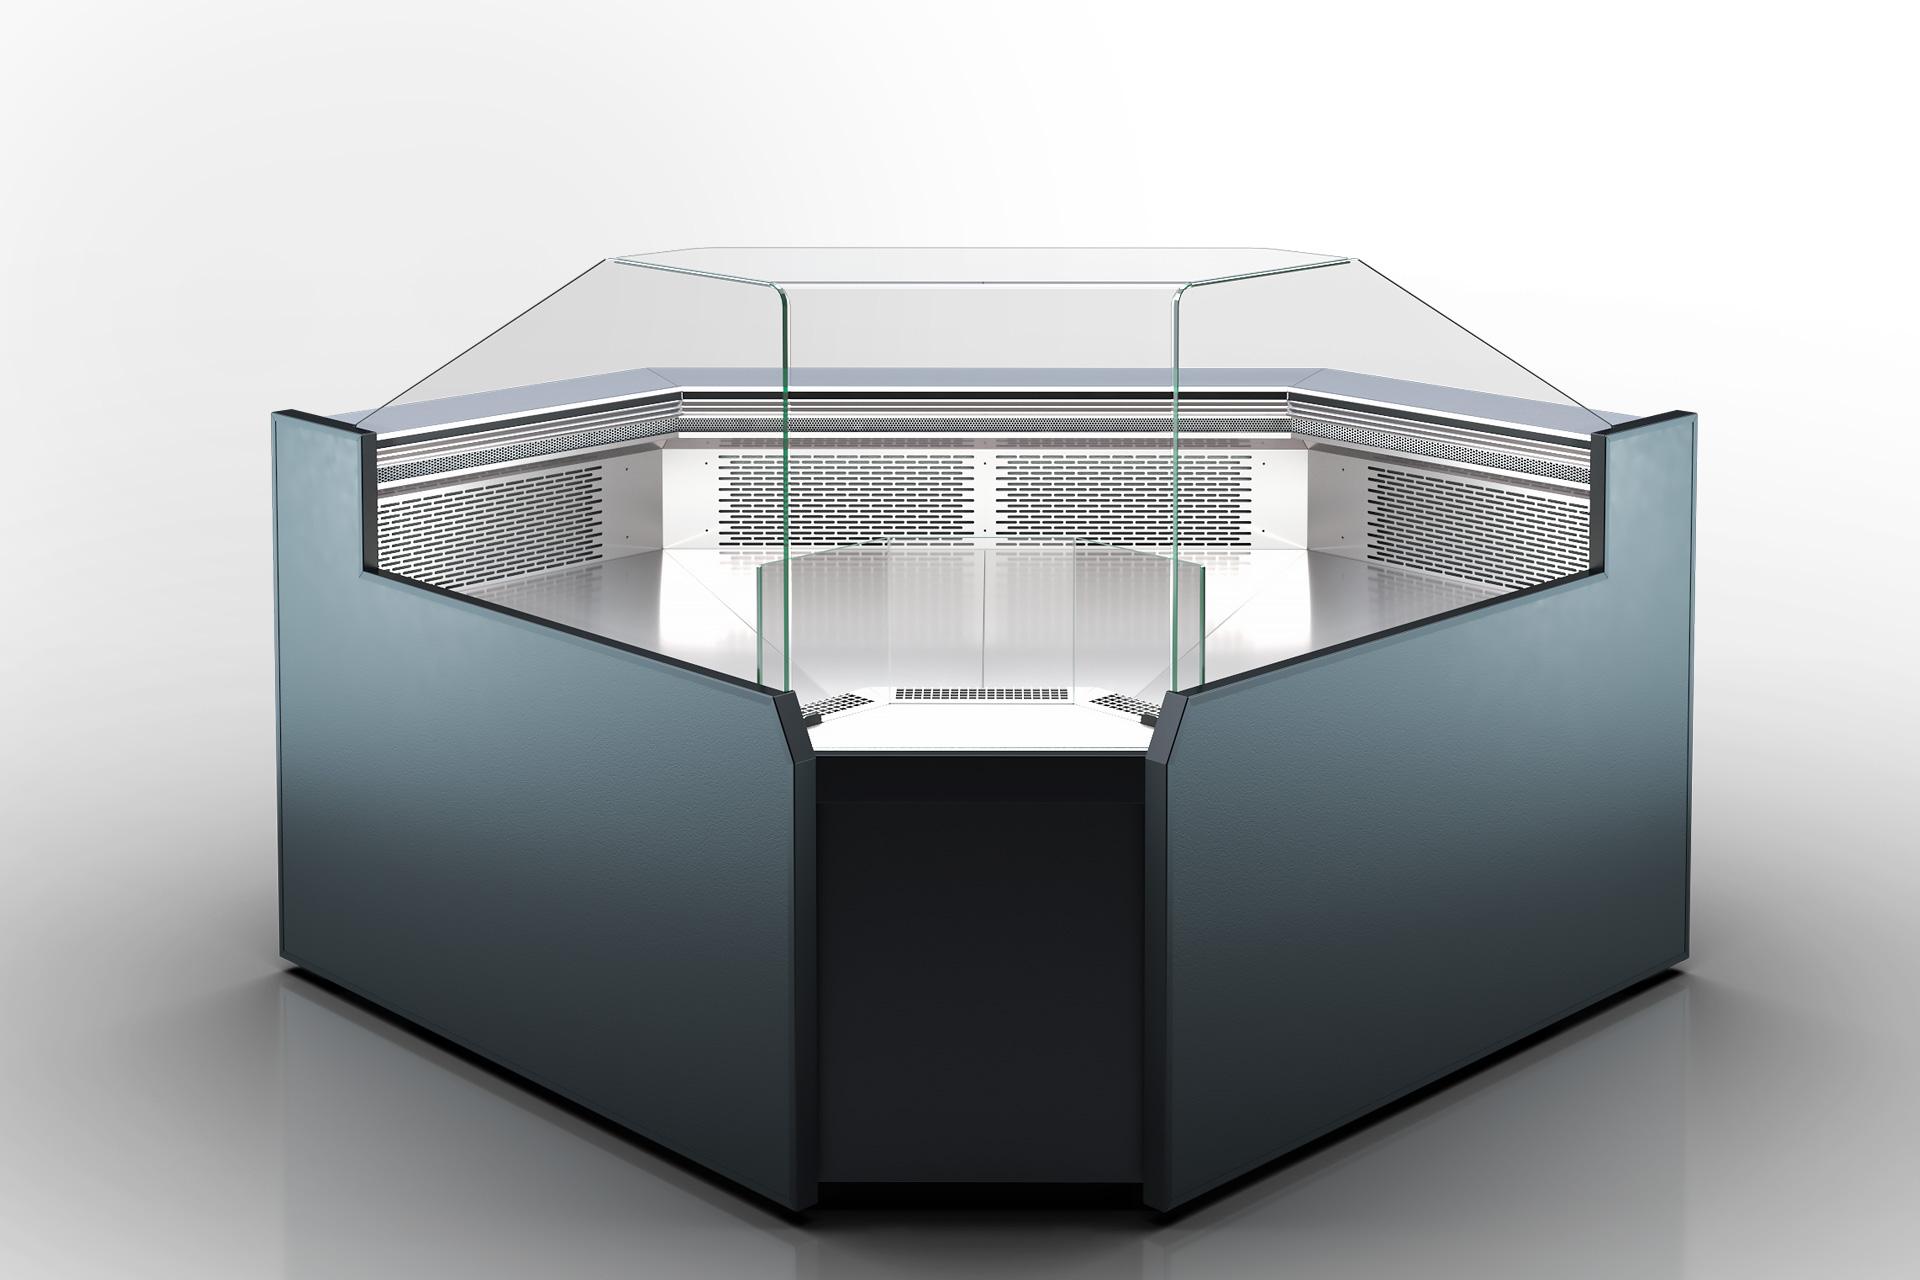 Угловые элементы холодильных витрин Missouri MC 120 deli OS 120-DLM-IS90